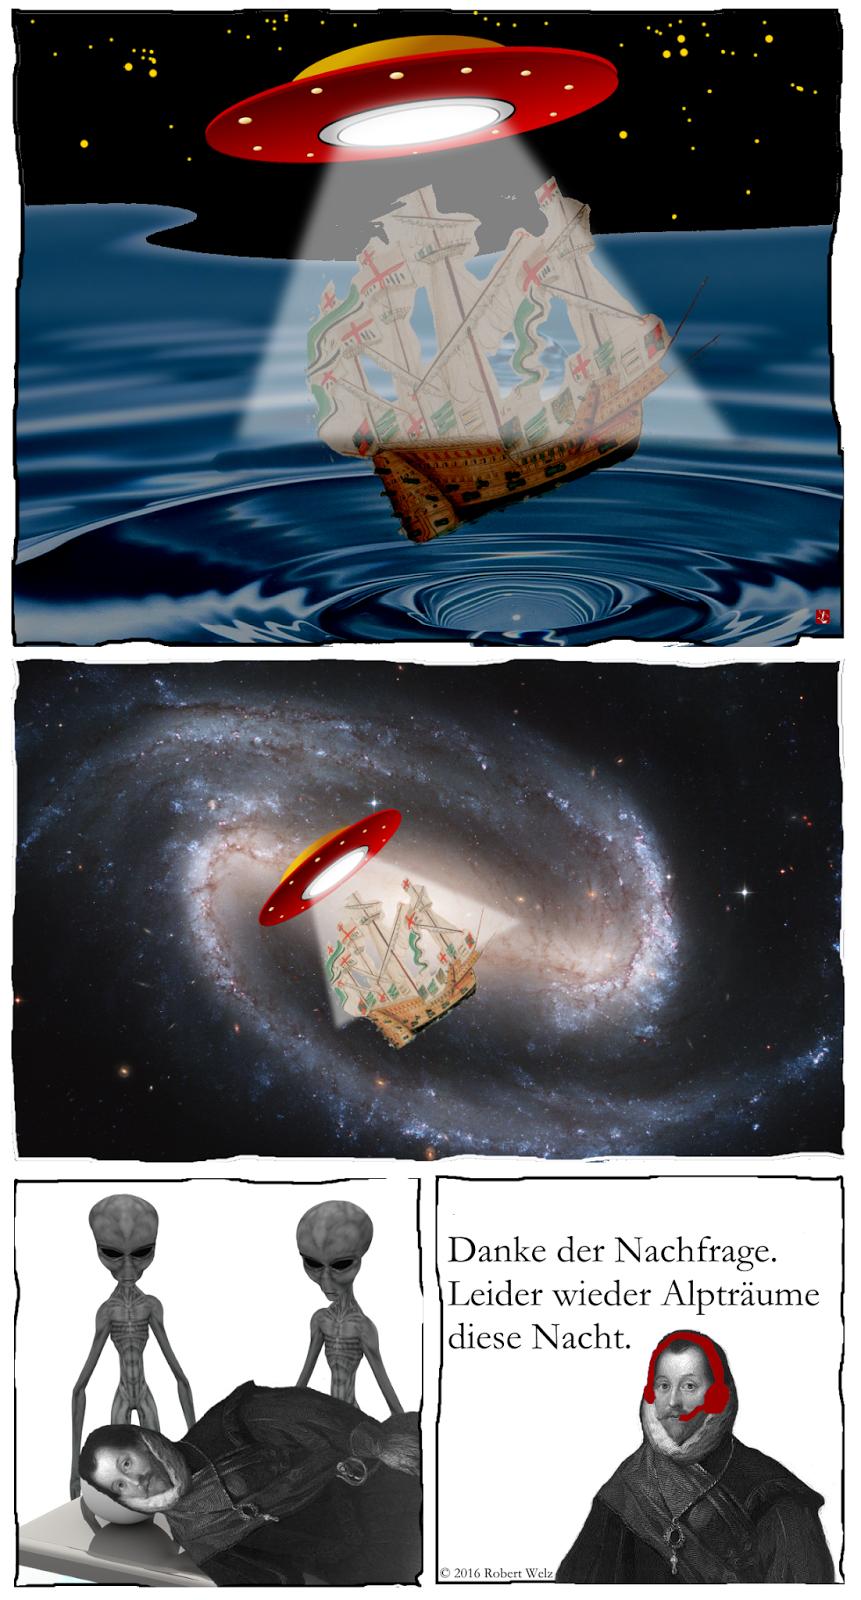 Science Fiction trifft Comedy. Mit Original Comic-Pirat. Wird das Segelschiff tatsächlich samt Kapitän & Besatzung von einem Ufo entführt? Oder gibt es eine andere Erklärung?